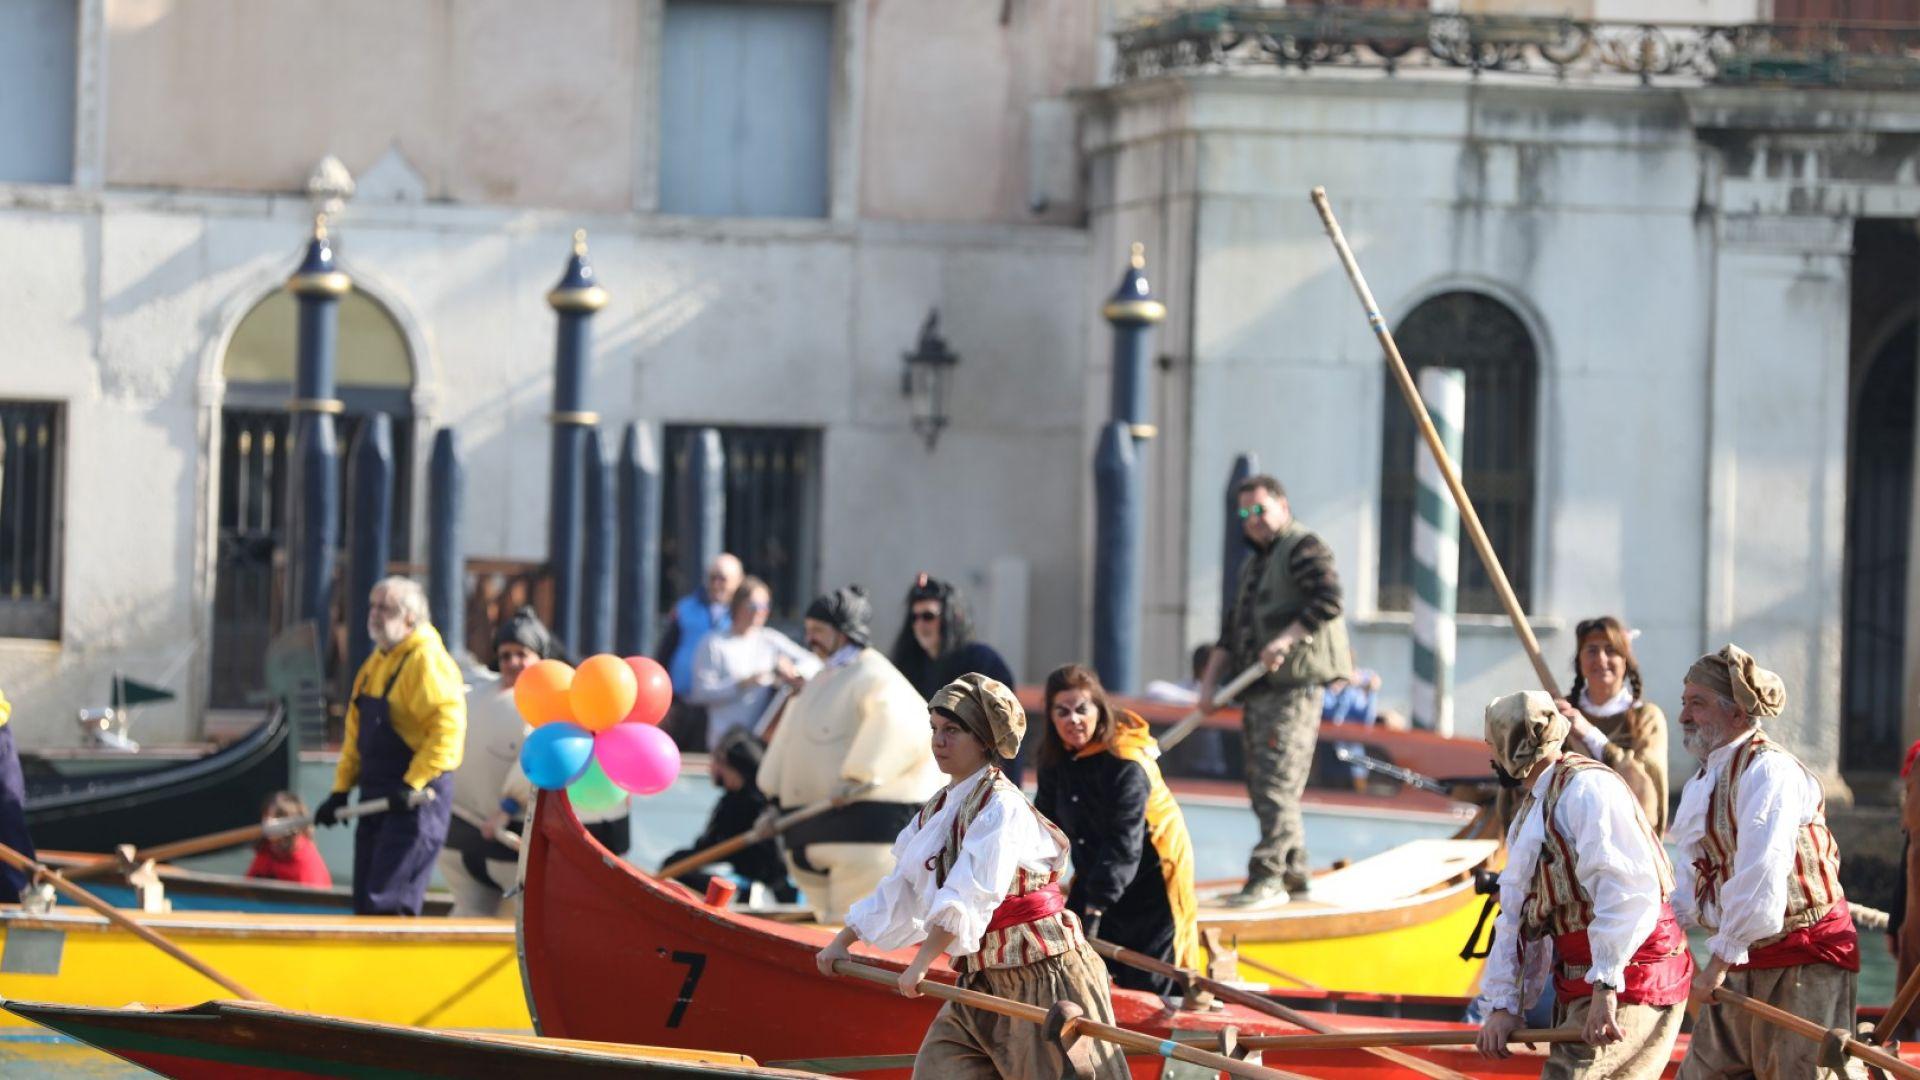 Венецианските гондолиери оцеляват с по 1200 евро помощ от държавата